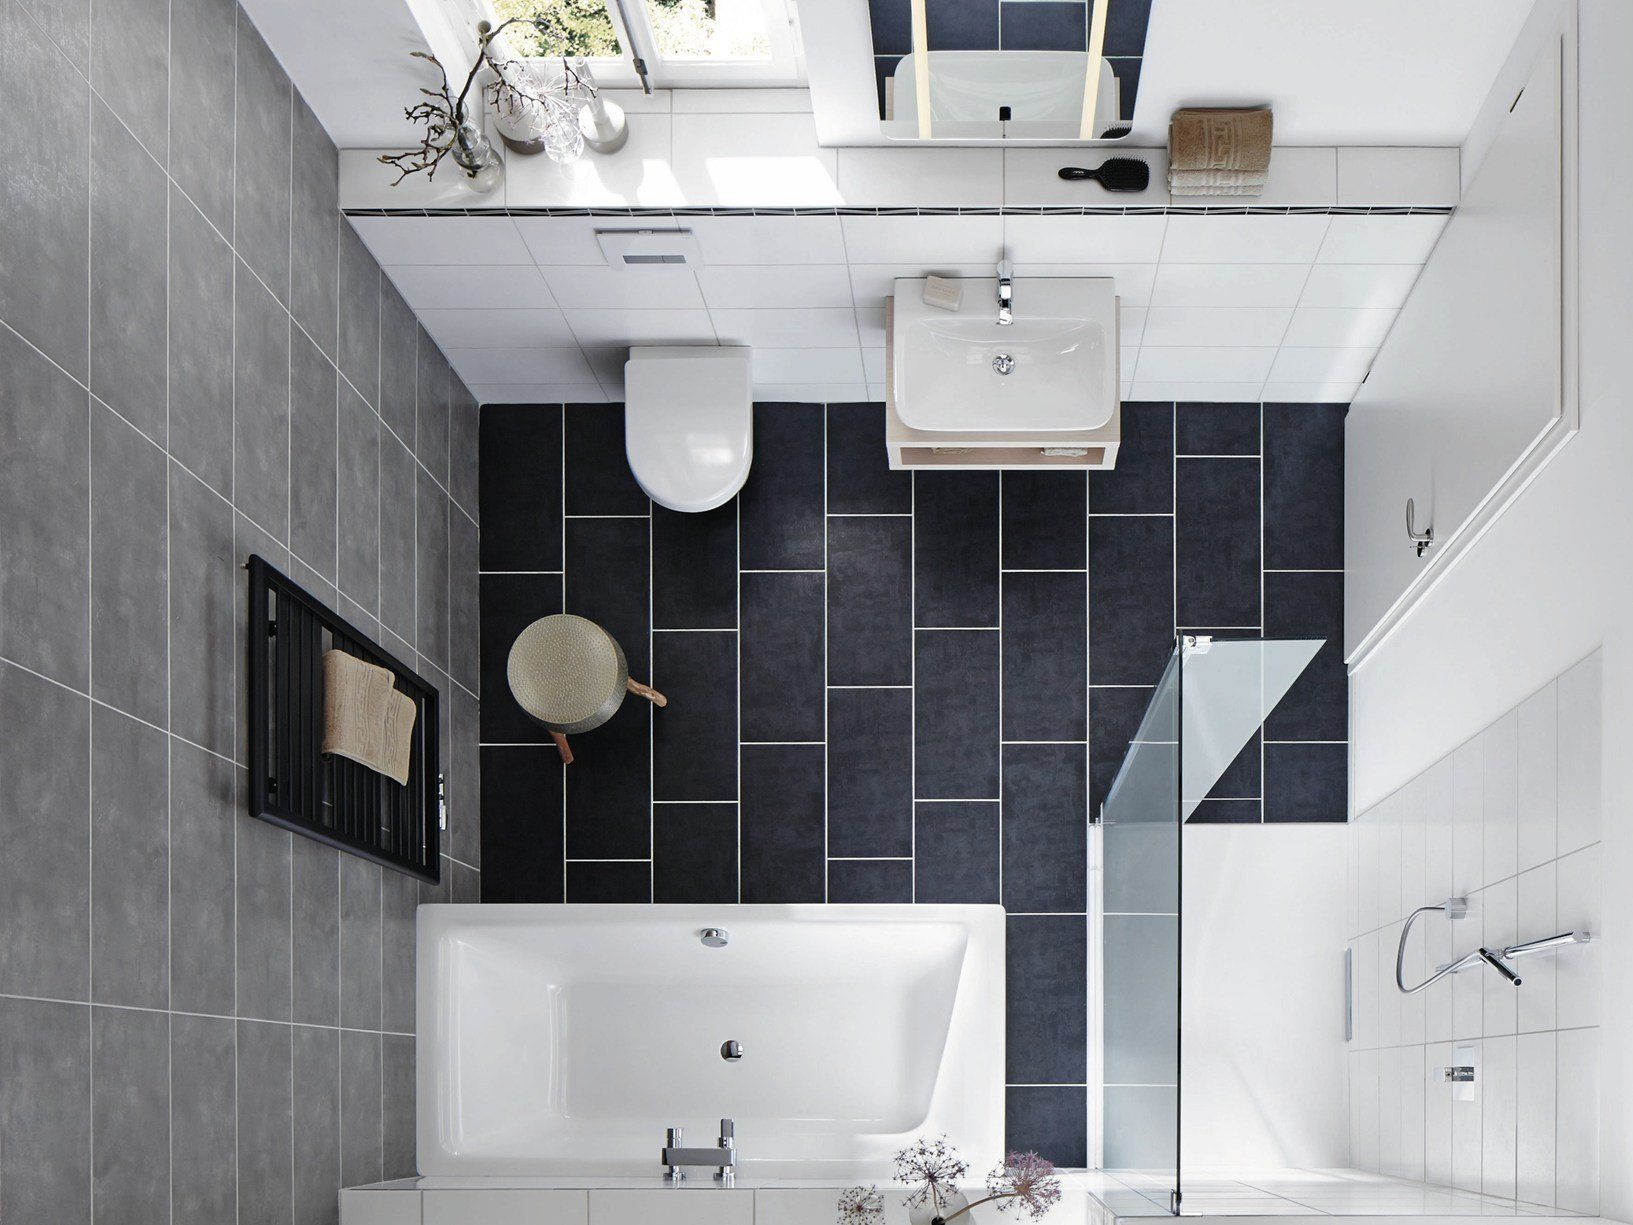 Vasche da bagno e piatti doccia a filo pavimento kaldewei - Mq minimi bagno ...